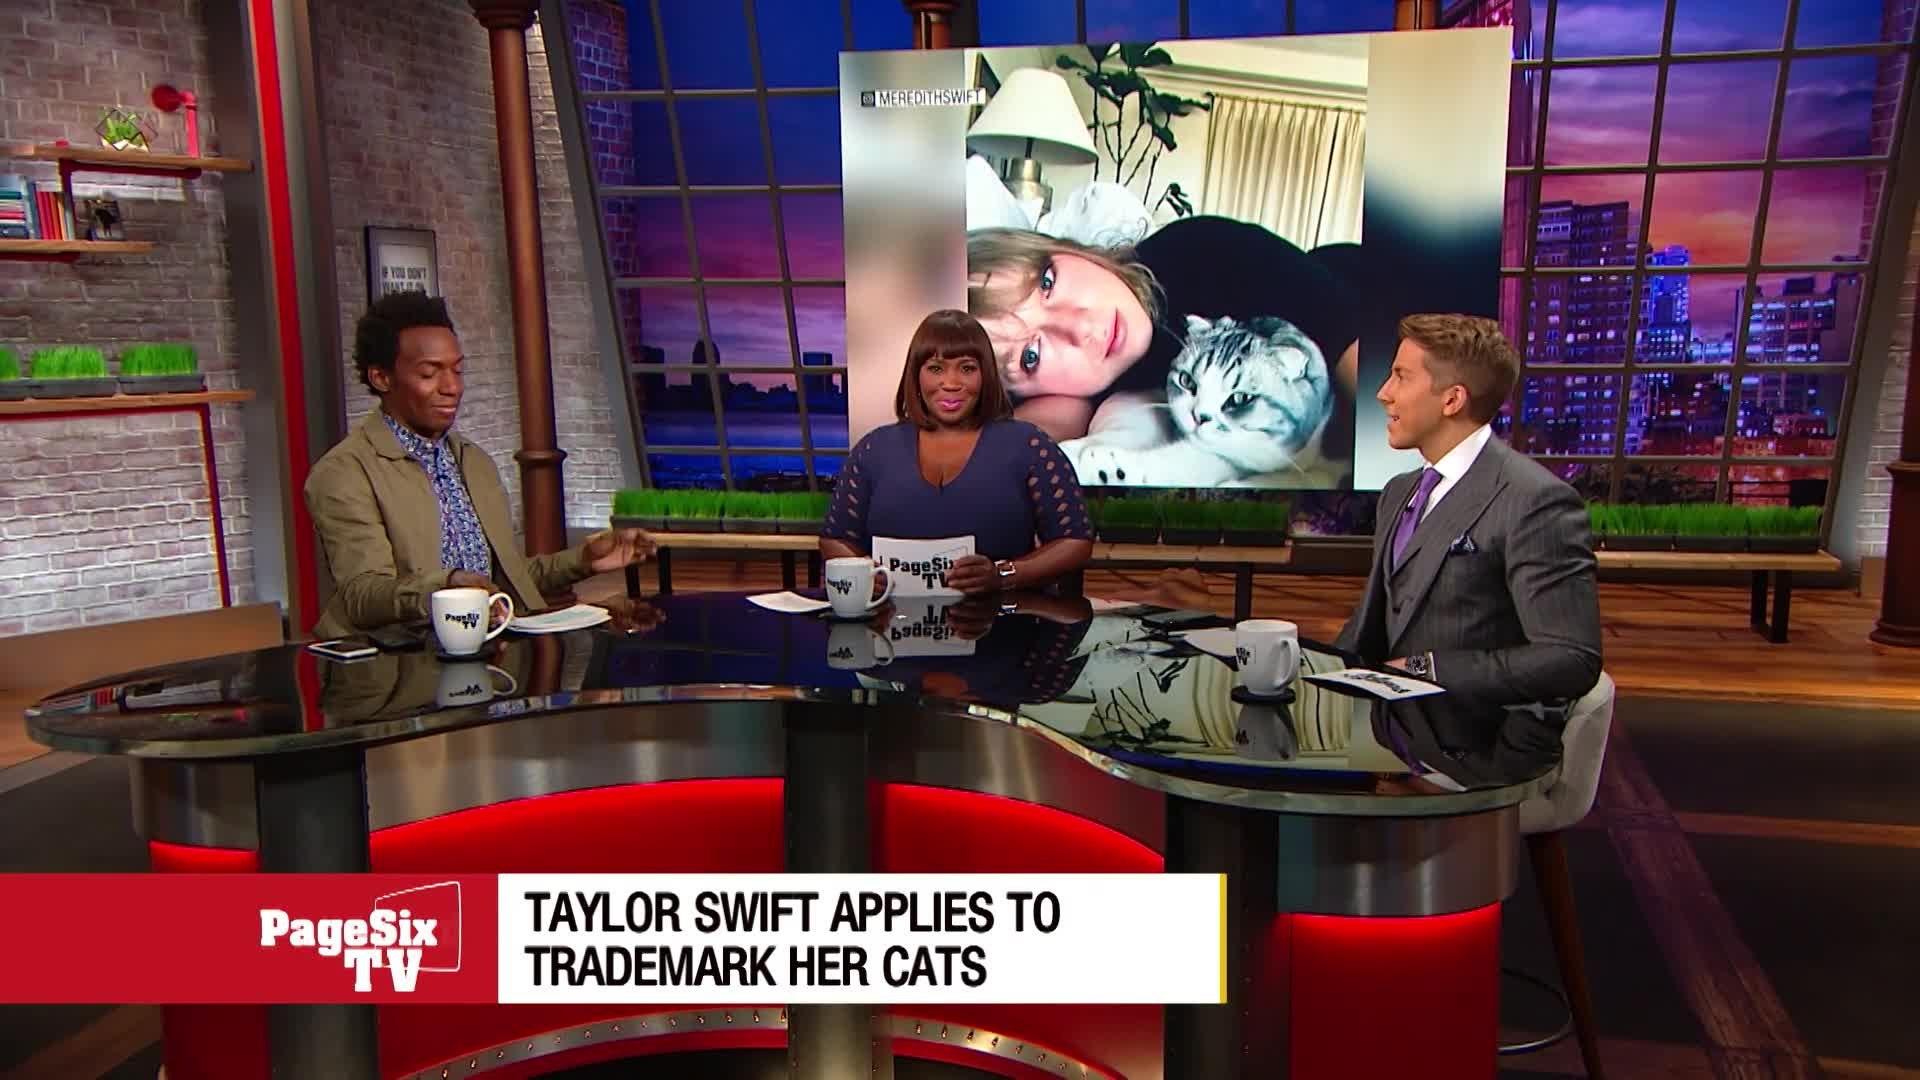 Haters gonna hate, hate, hate, hate, hate, but @TaylorSwift13 is cat-pitalizing on her feline friend